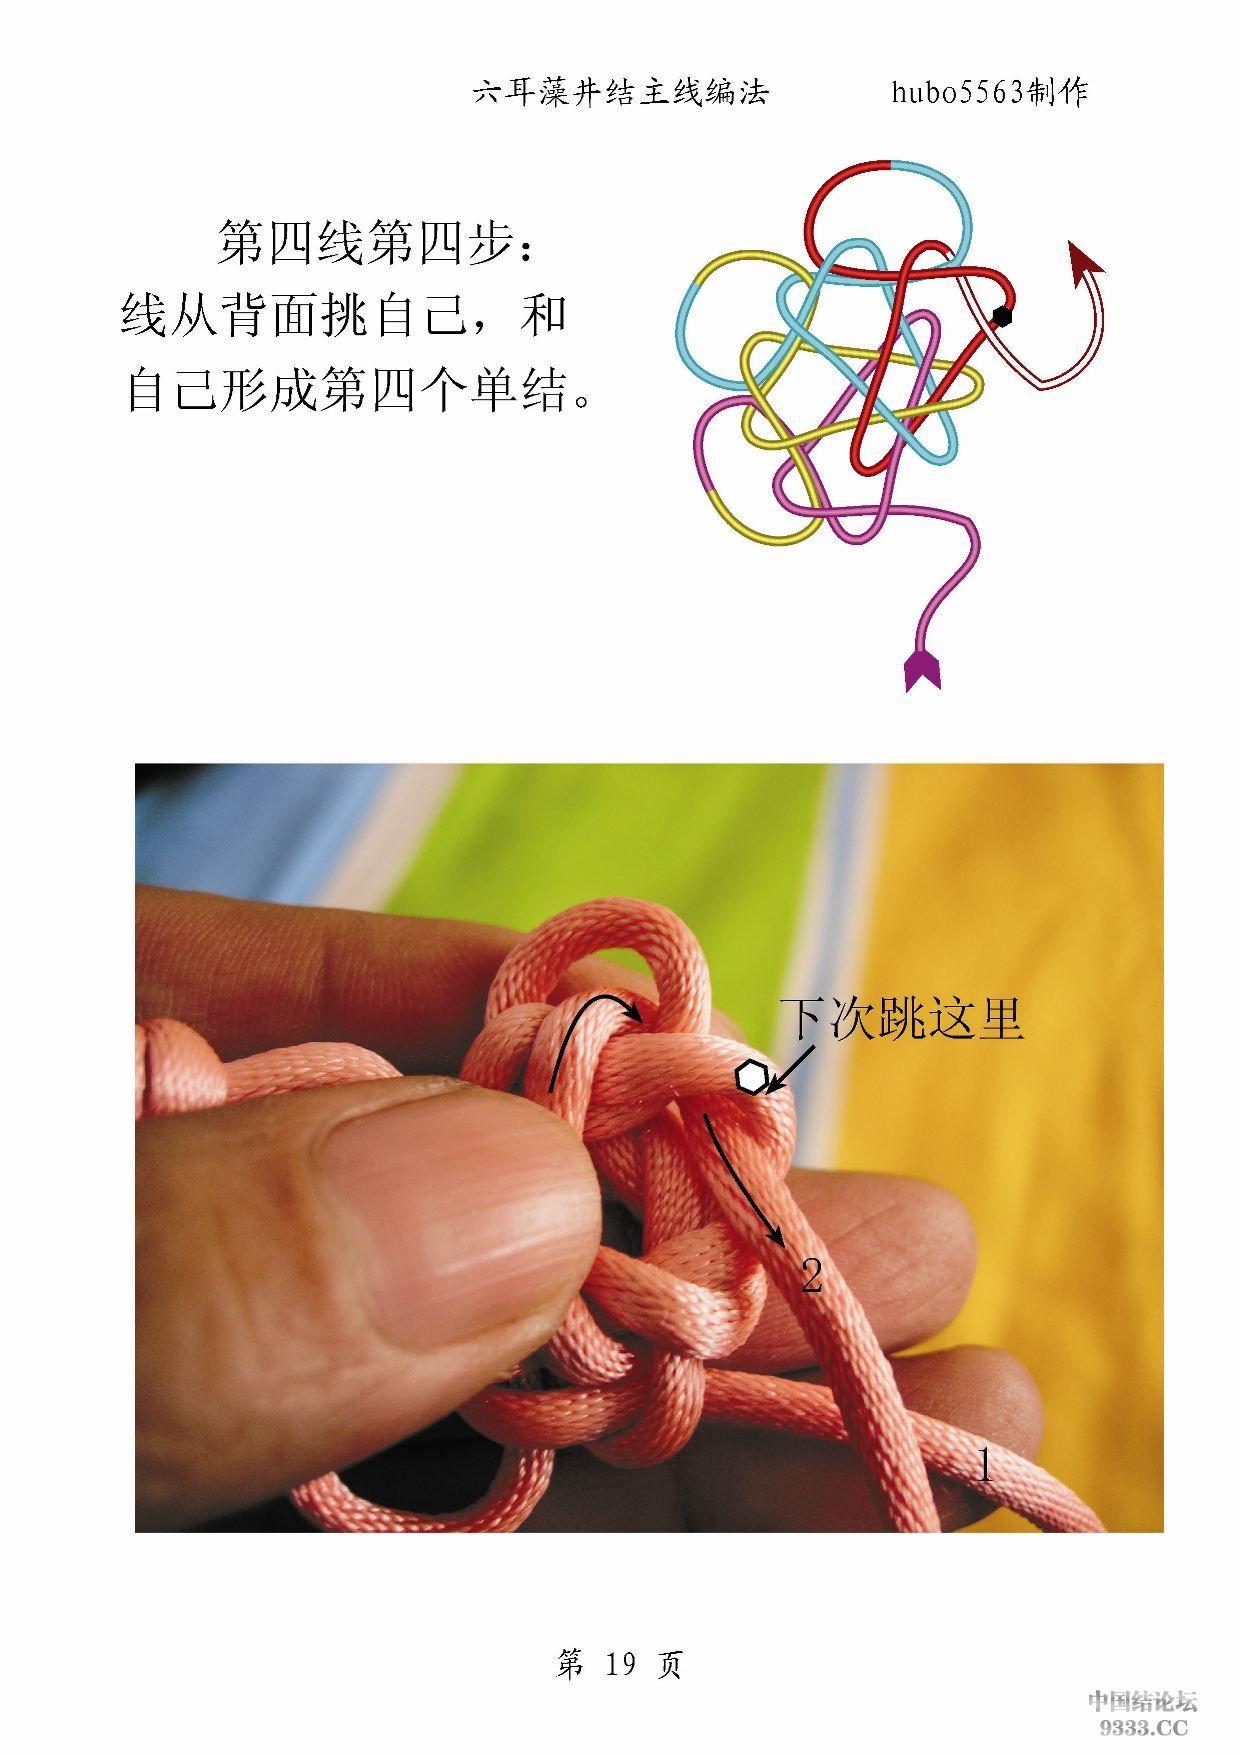 中国结论坛 原创新结---六耳藻井结主线编法徒手教程  基本结-新手入门必看 1002192215a5aa71521c0b10ae